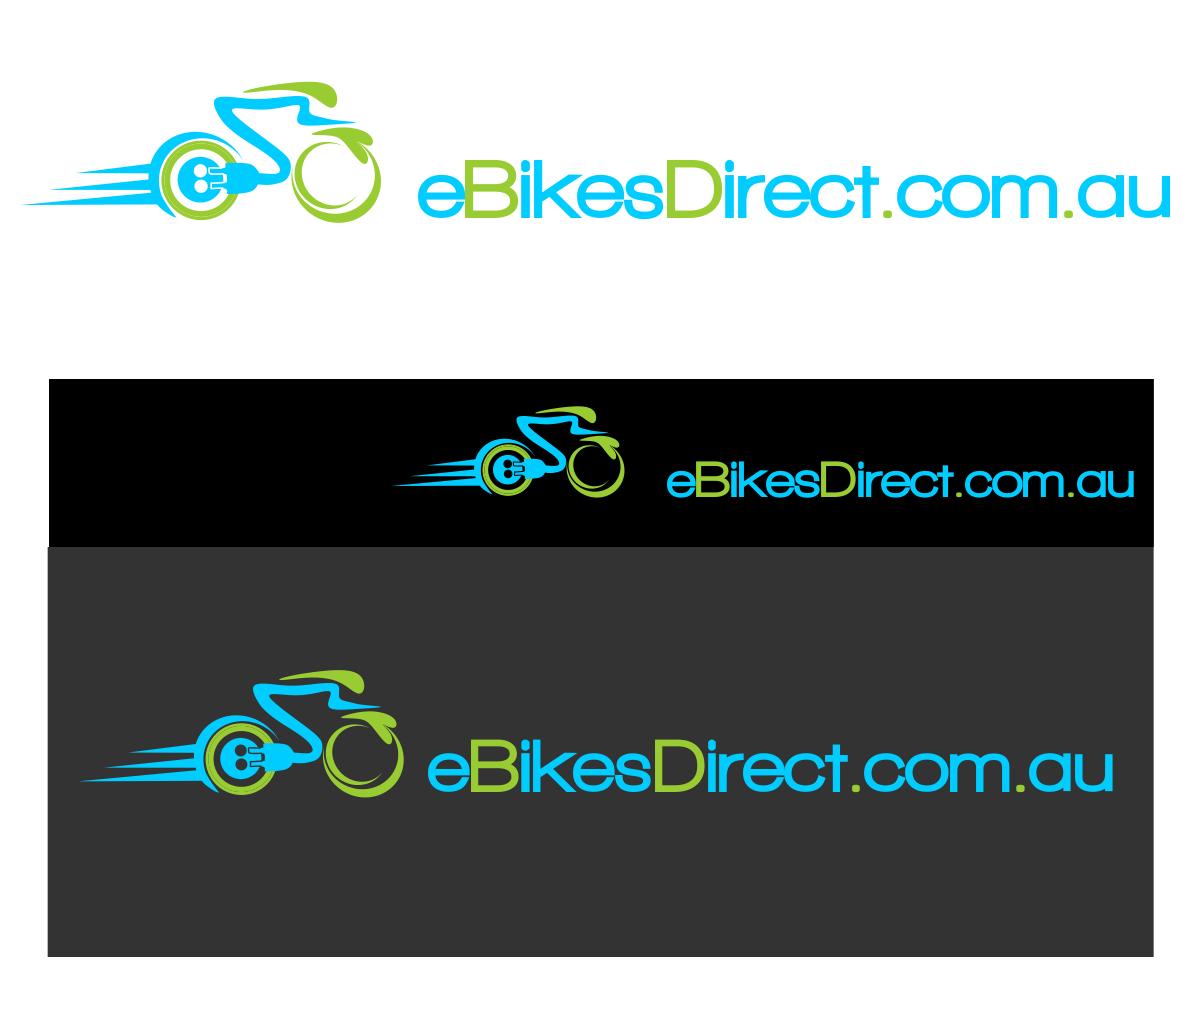 eBikesDirect Logo by Tt design